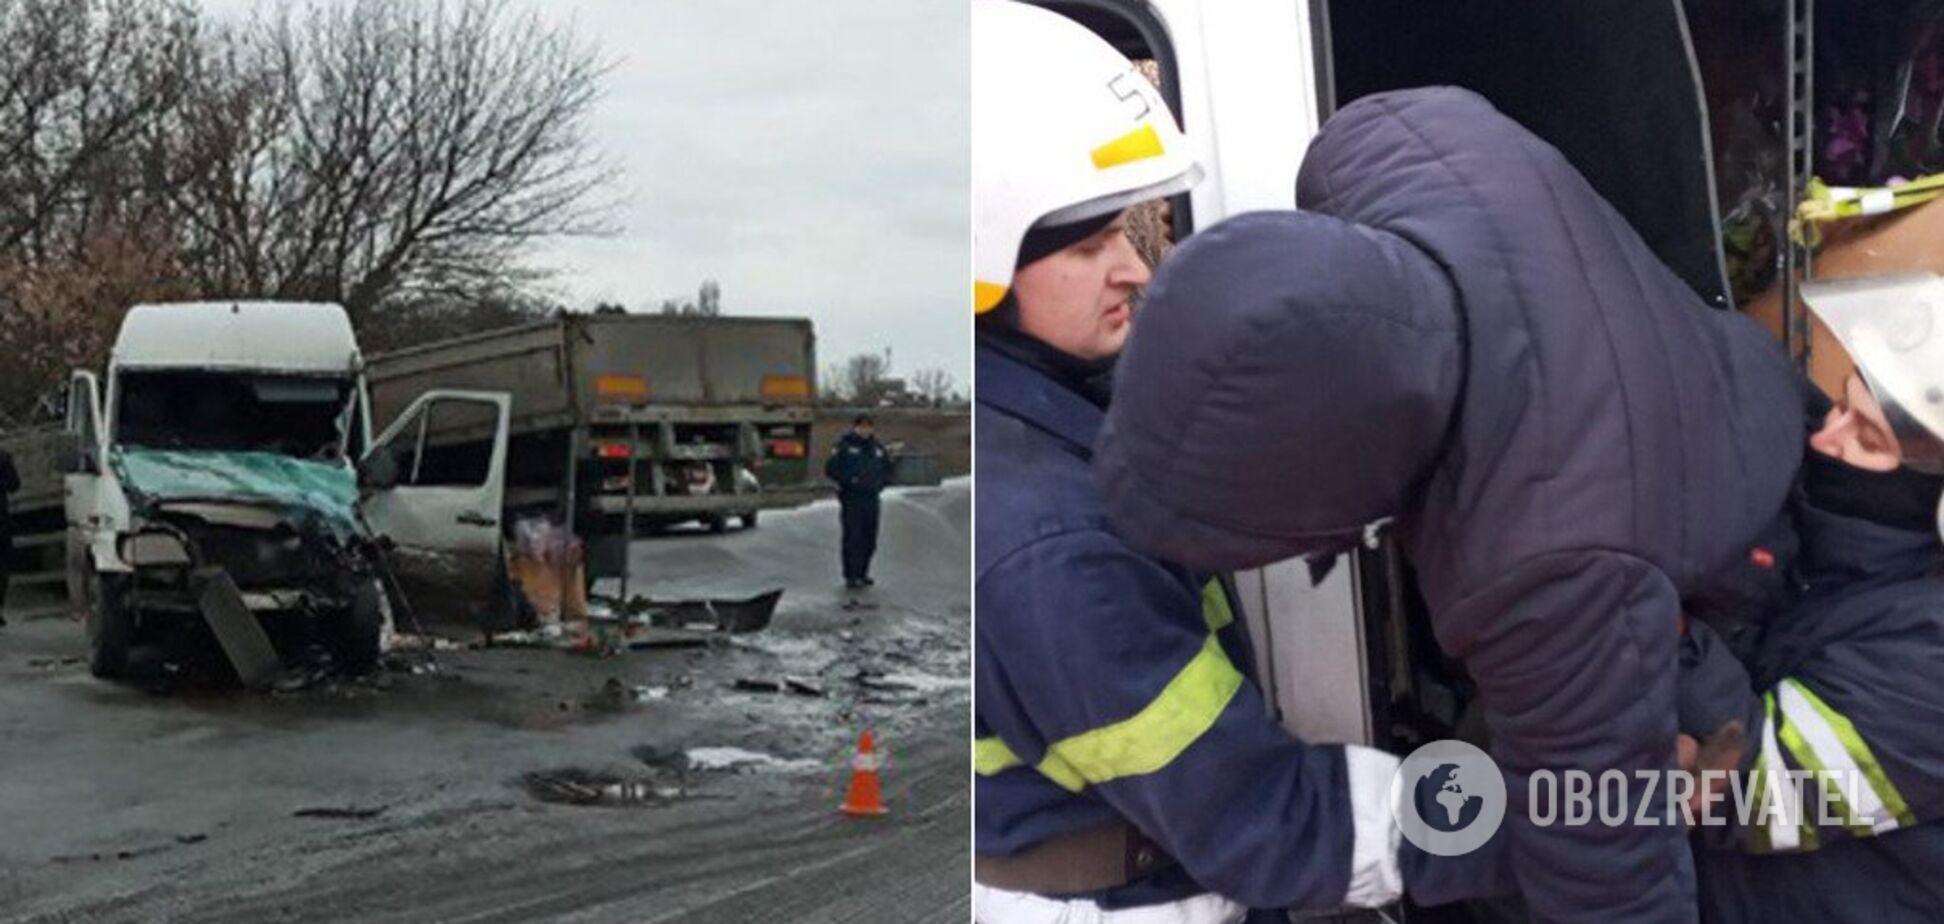 Под Днепром бус протаранил грузовик: водителя вырезали из разбитого авто